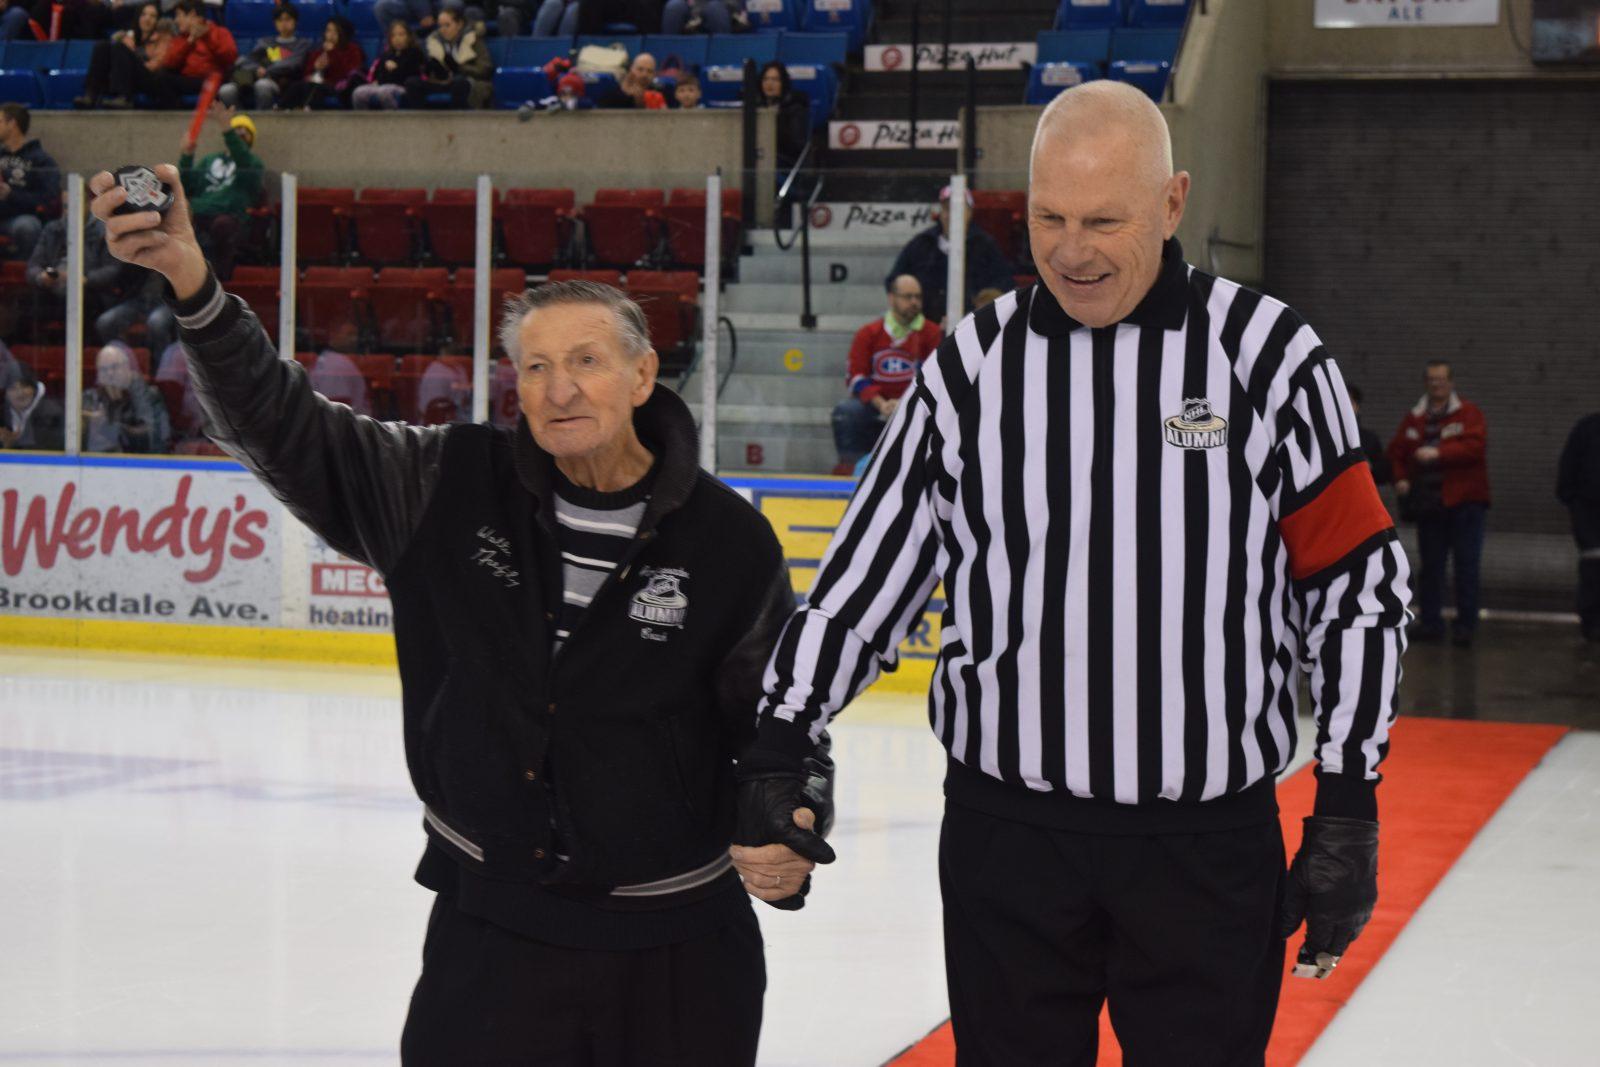 NHL Alumni Game cut short after shattered glass